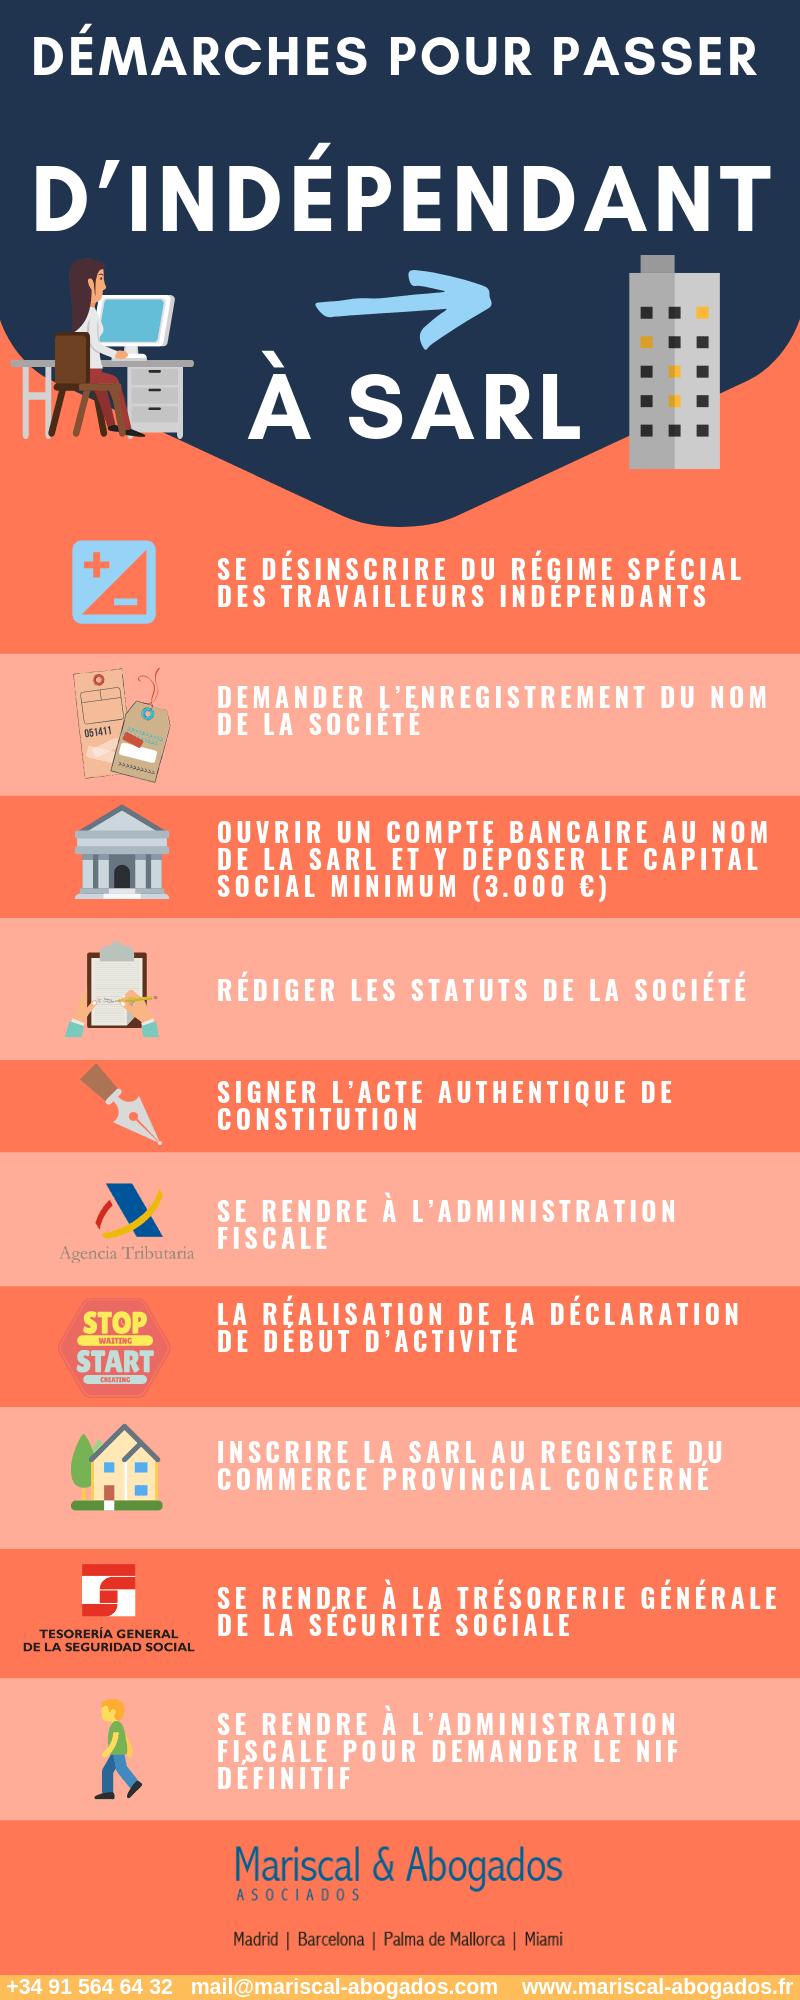 02 2018 Démarches pour passer d'indépendant à société limitée